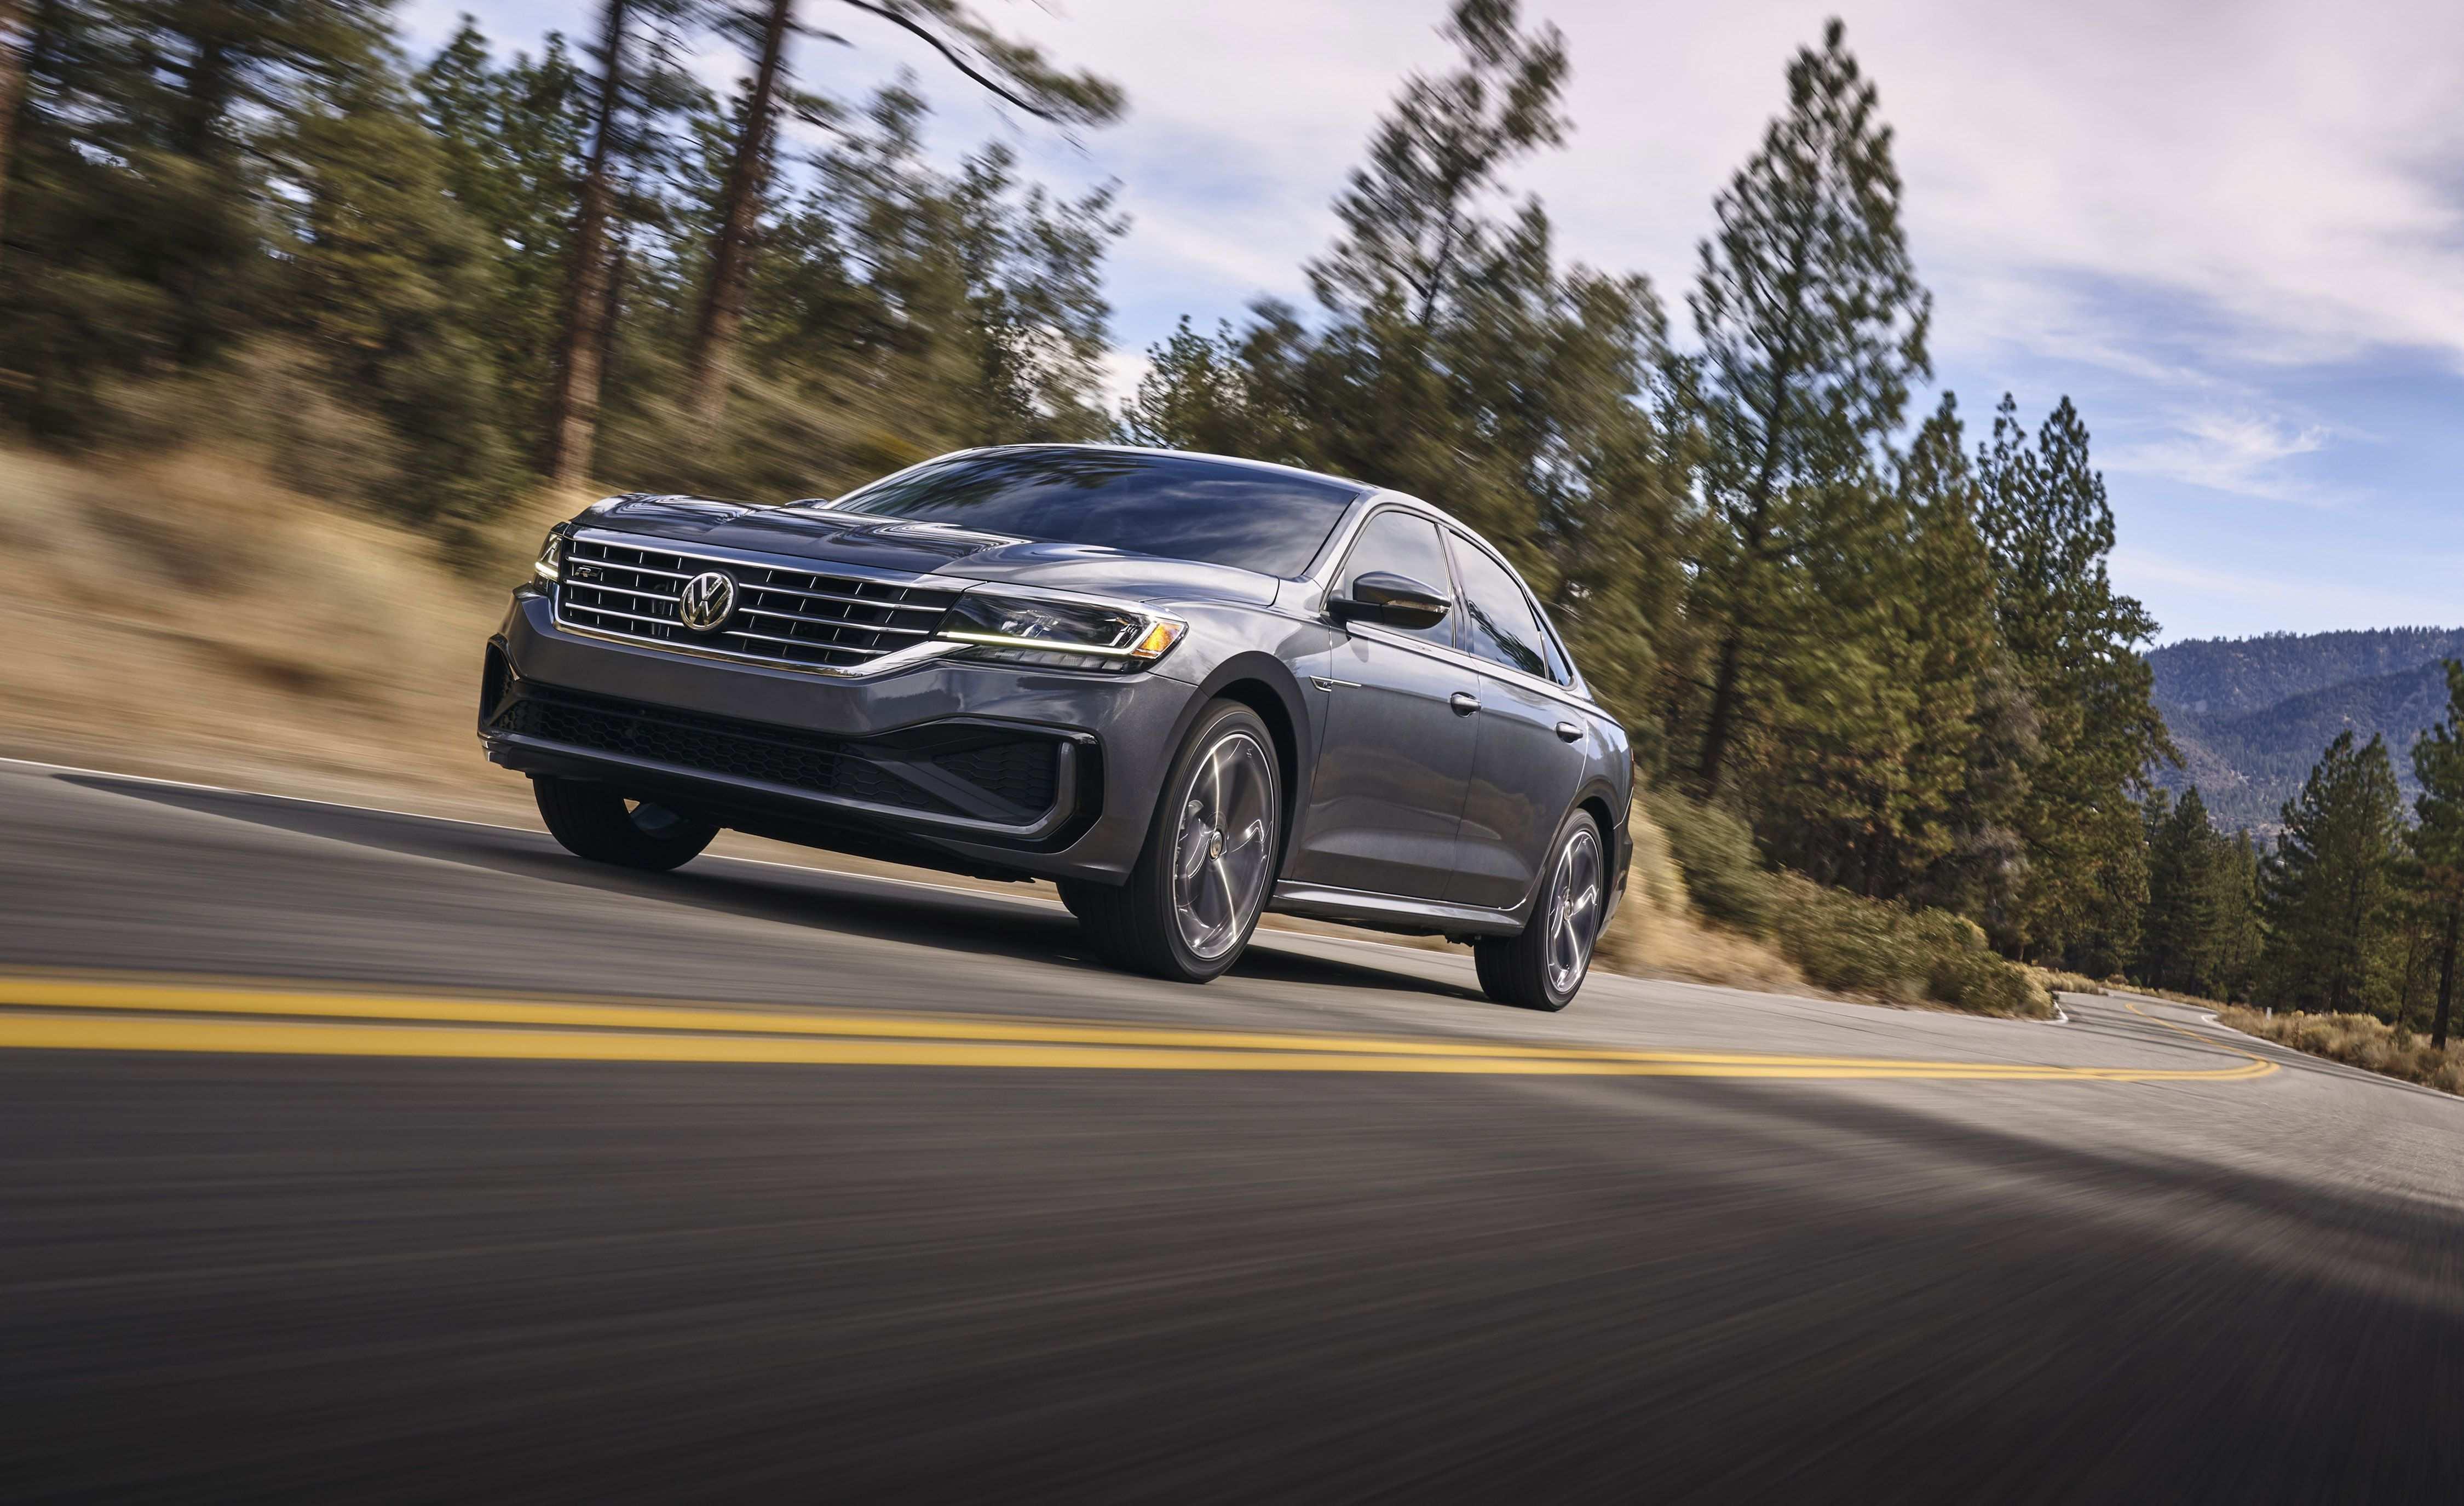 58 New Volkswagen New Passat 2020 Redesign and Concept with Volkswagen New Passat 2020